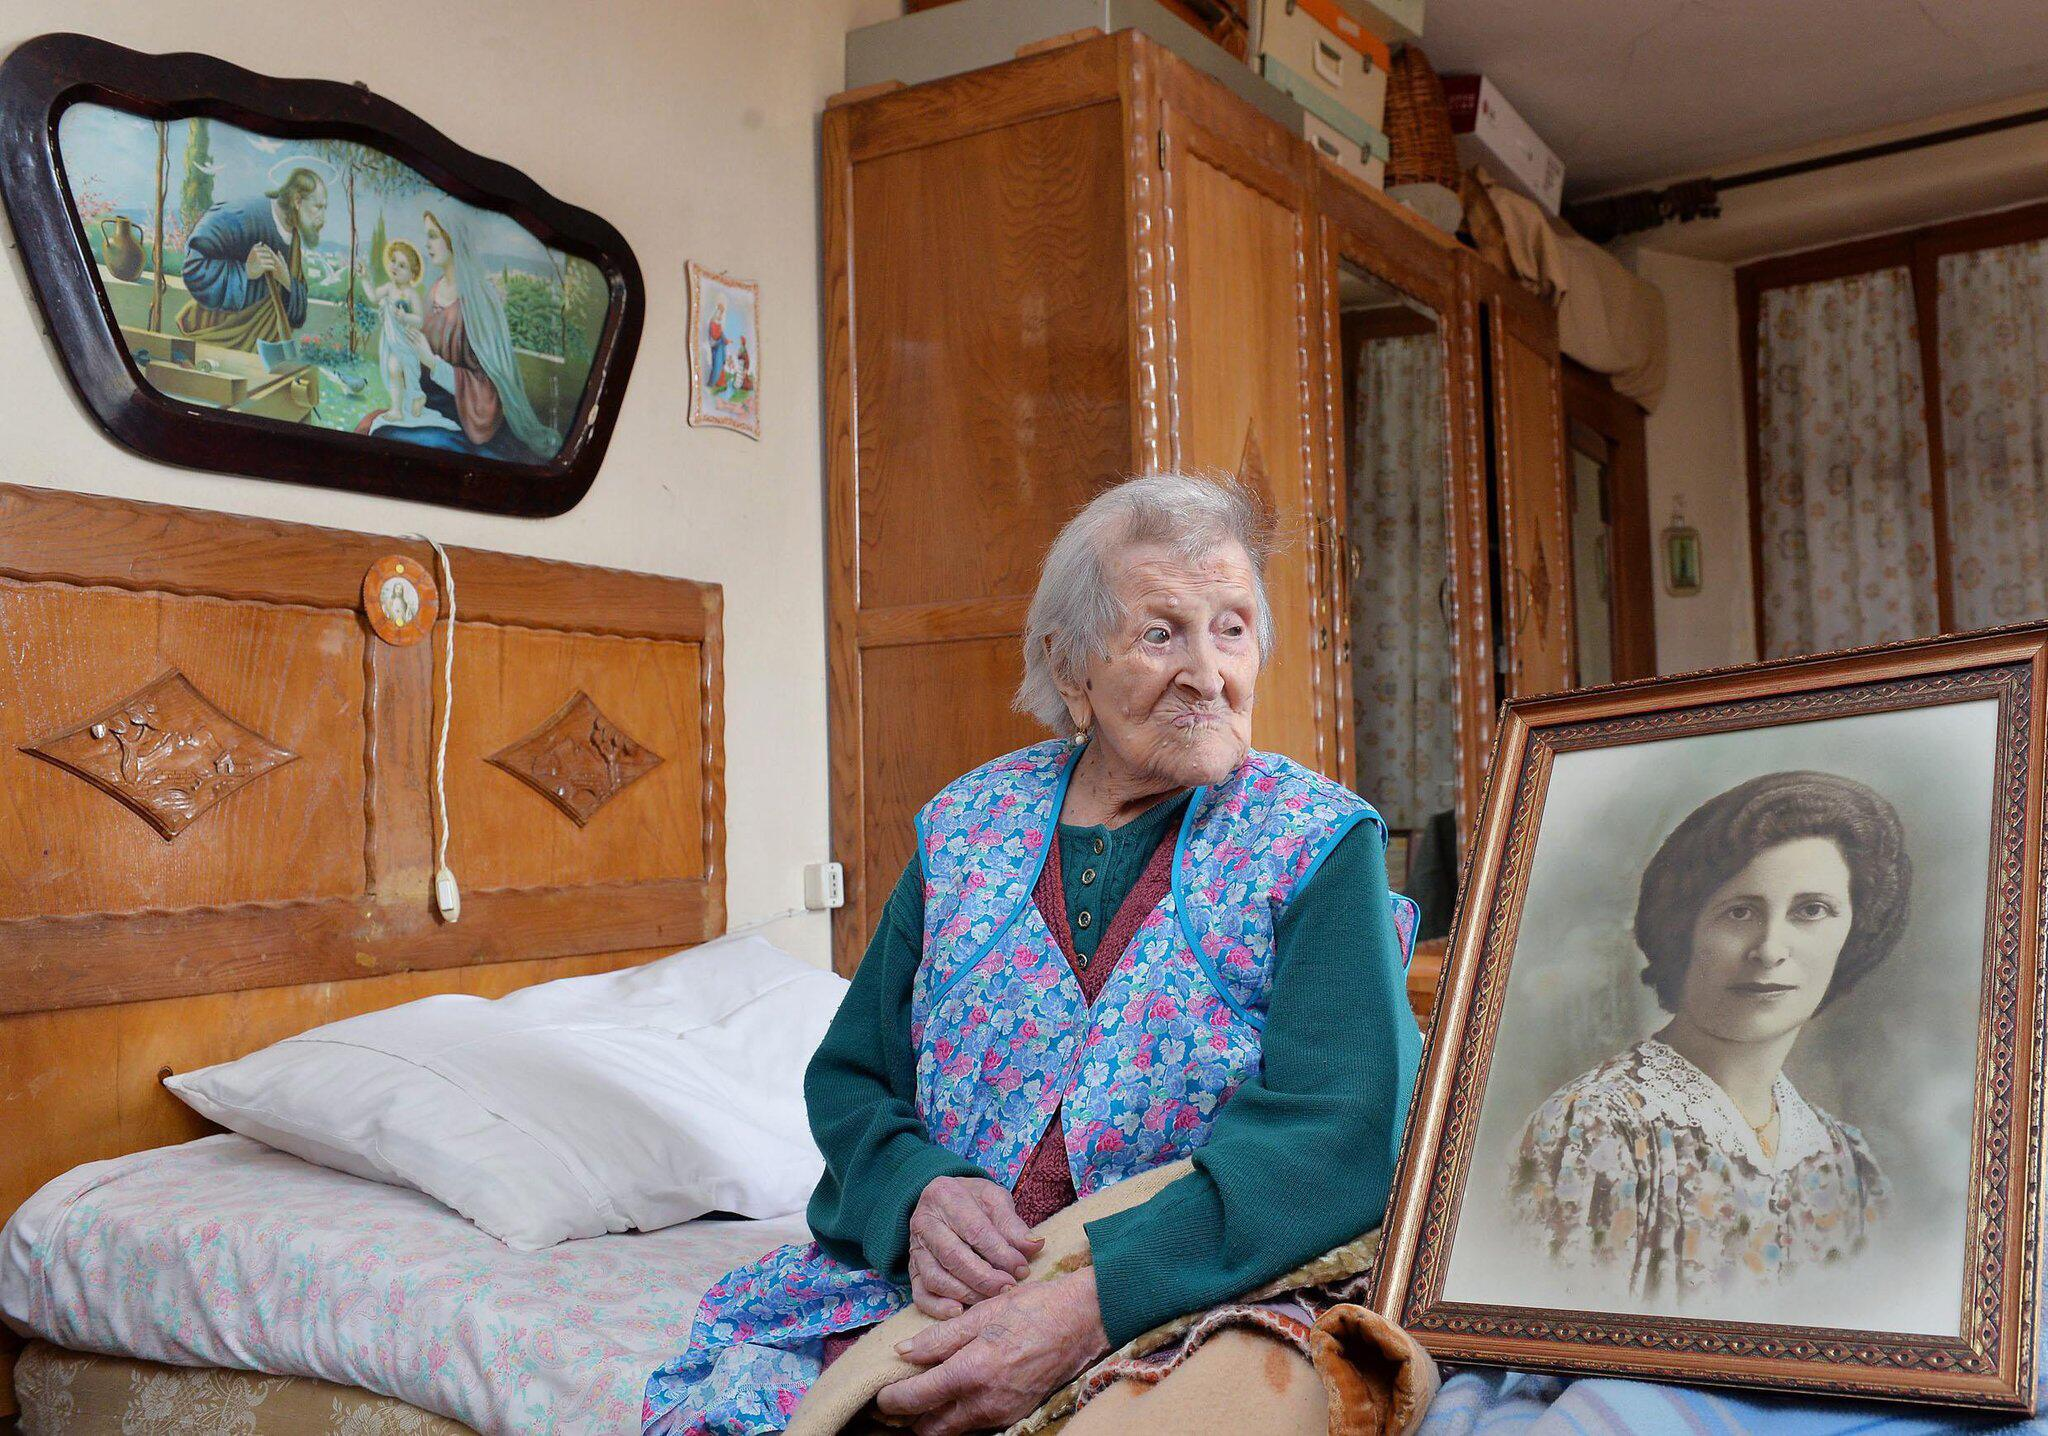 Bild zu ÄltesterMensch der Welt wird 117